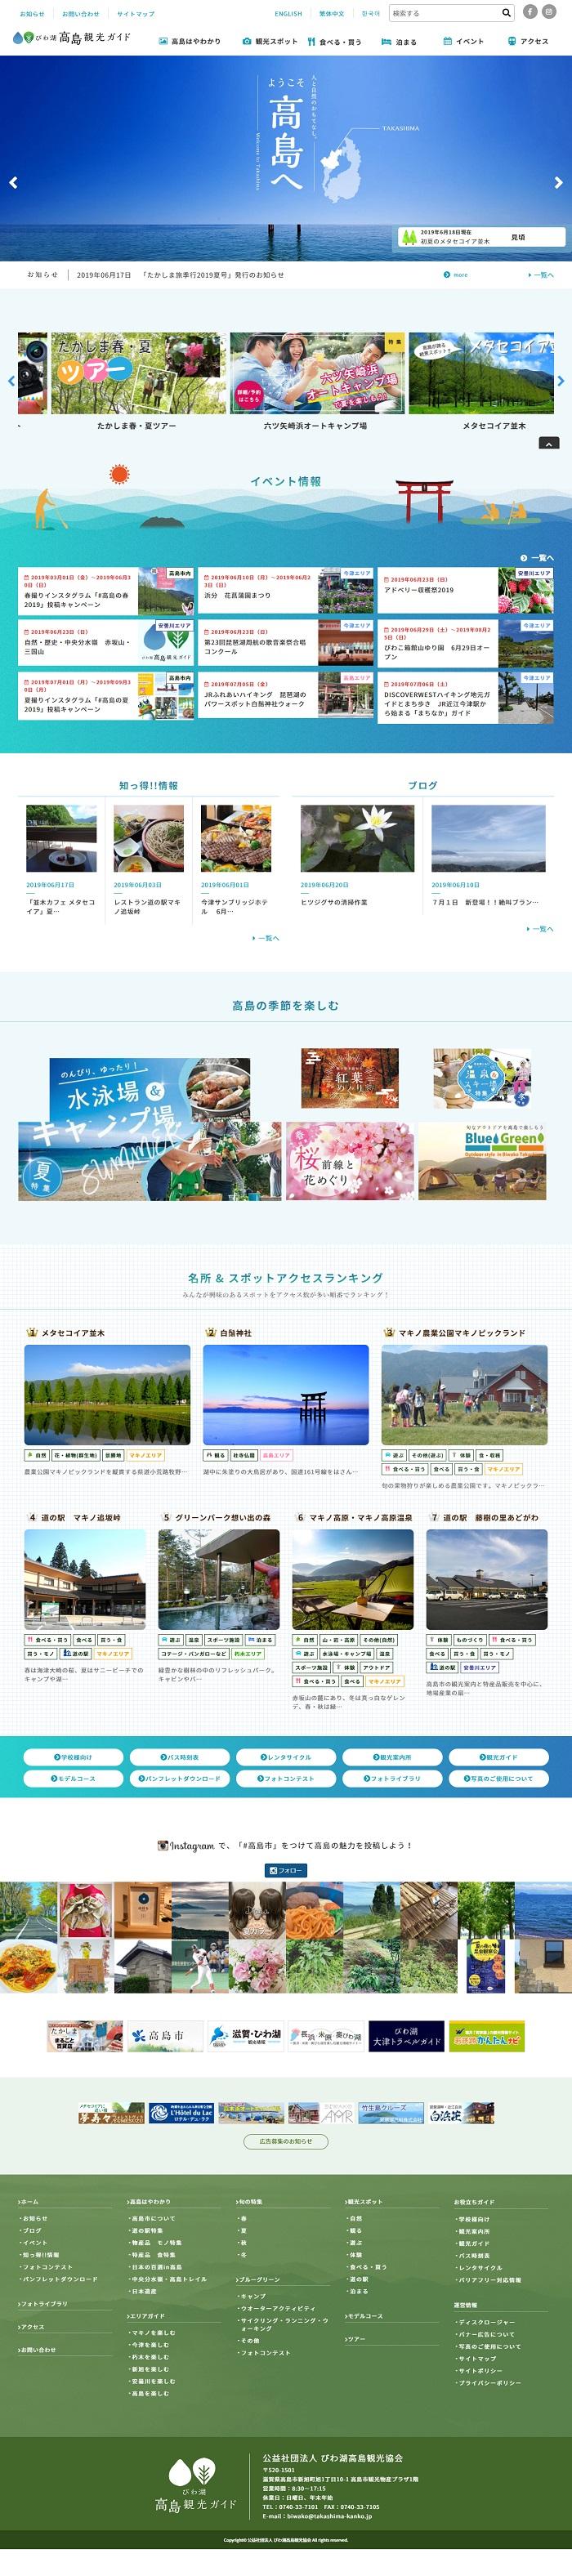 びわ湖高島観光ガイド